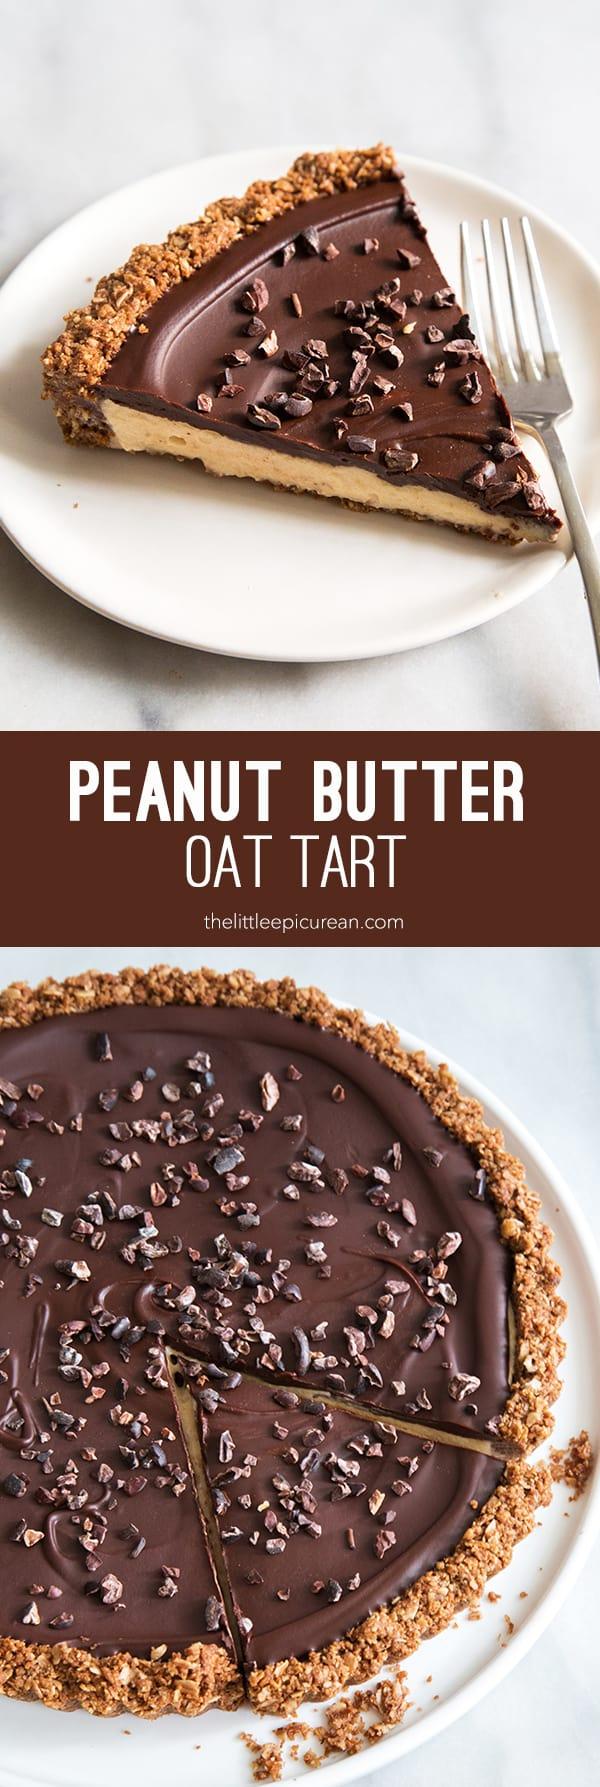 Peanut Butter Oat Tart